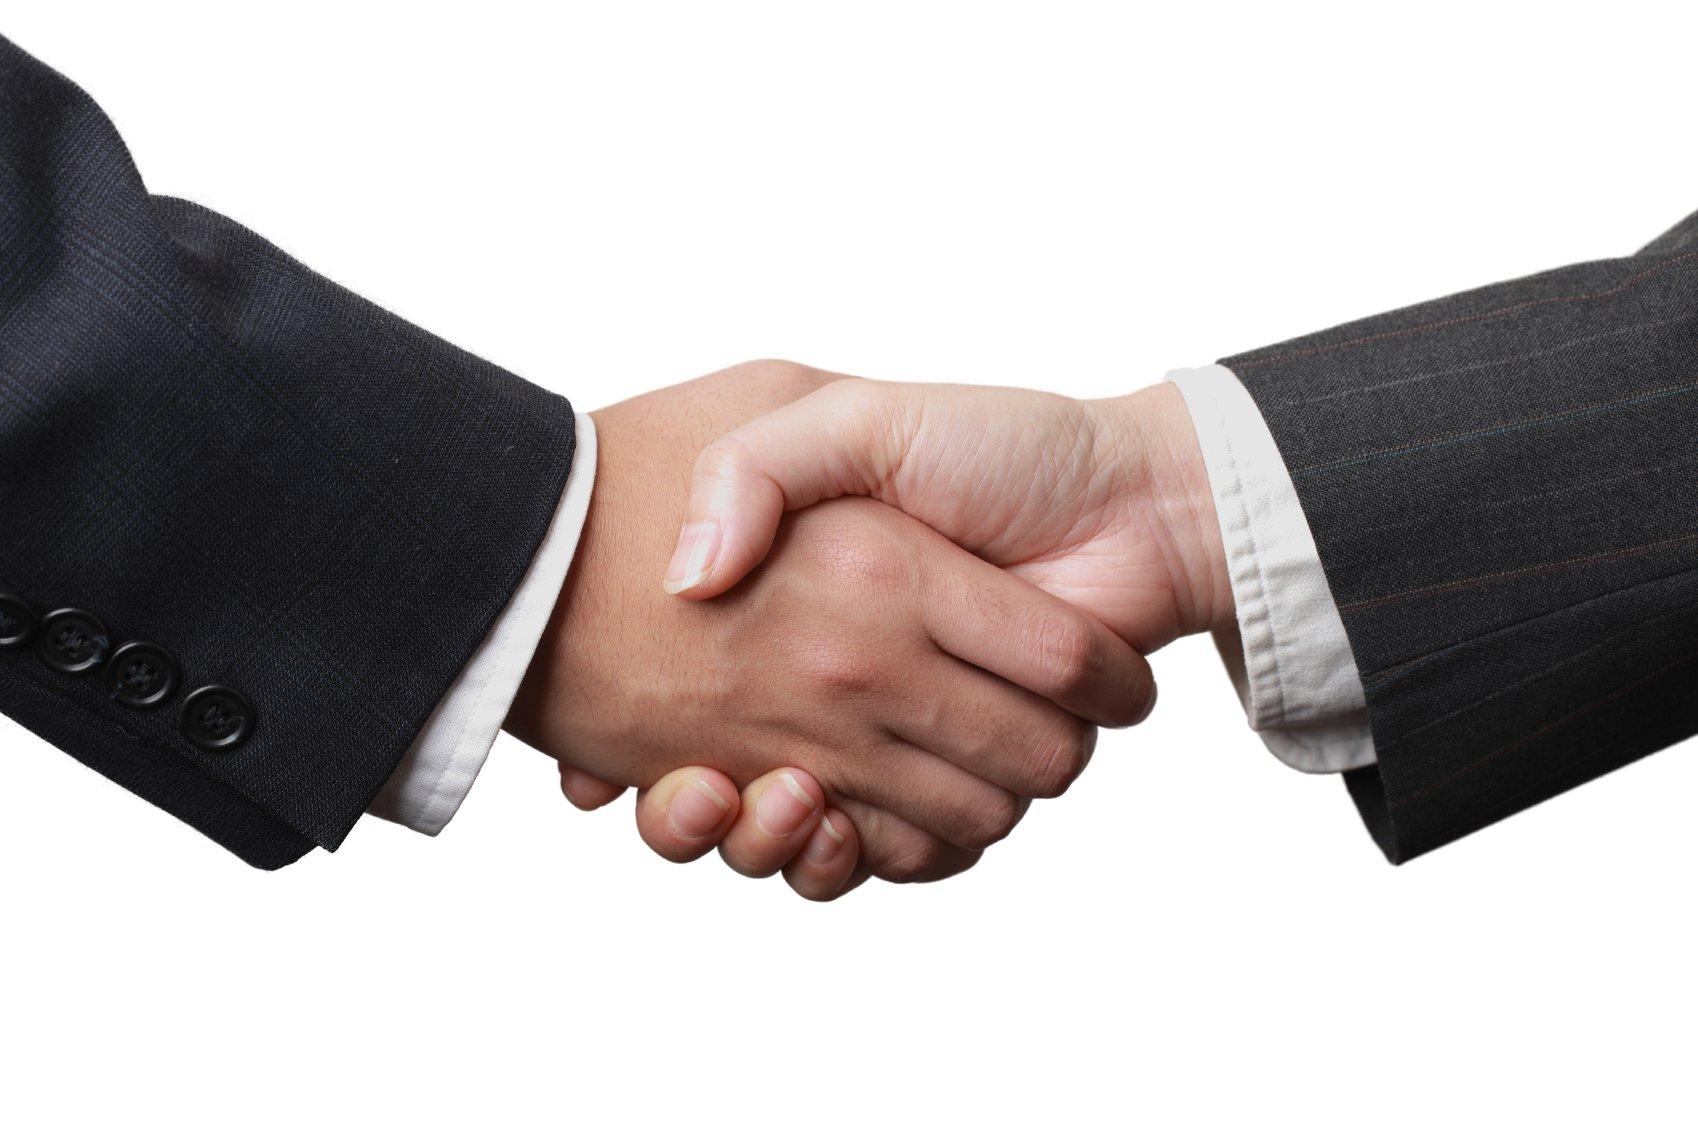 handshake-shaking-hands-shake-hands-trust